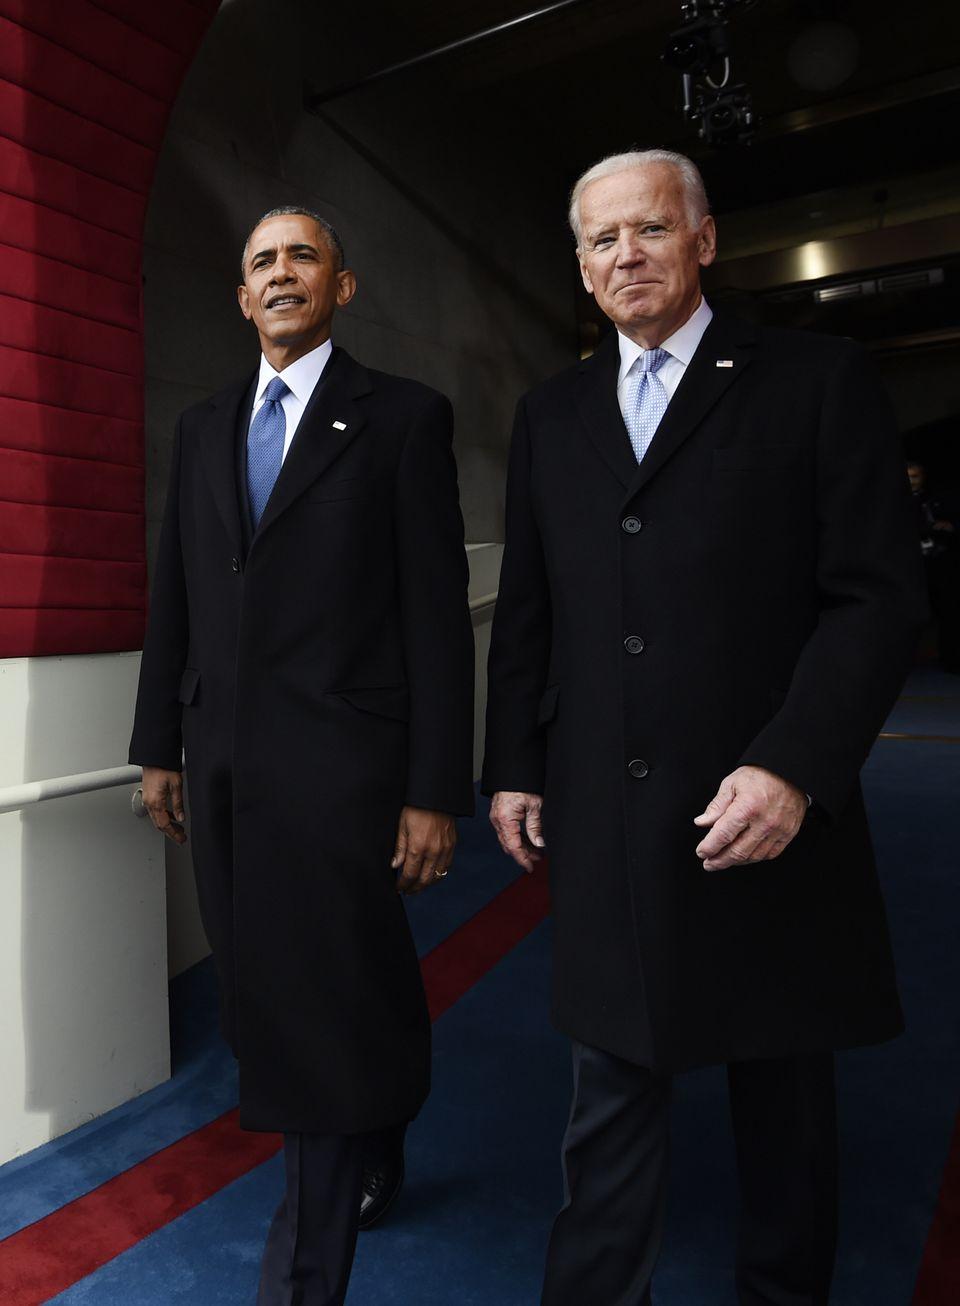 조 바이든은 8년 동안 부통령을 지내며 버락 오바마 전 대통령의 처음과 끝을 함께했다. 사진은 도널드 트럼프 대통령 취임식에 참석하는 두 사람의 모습. 2017년